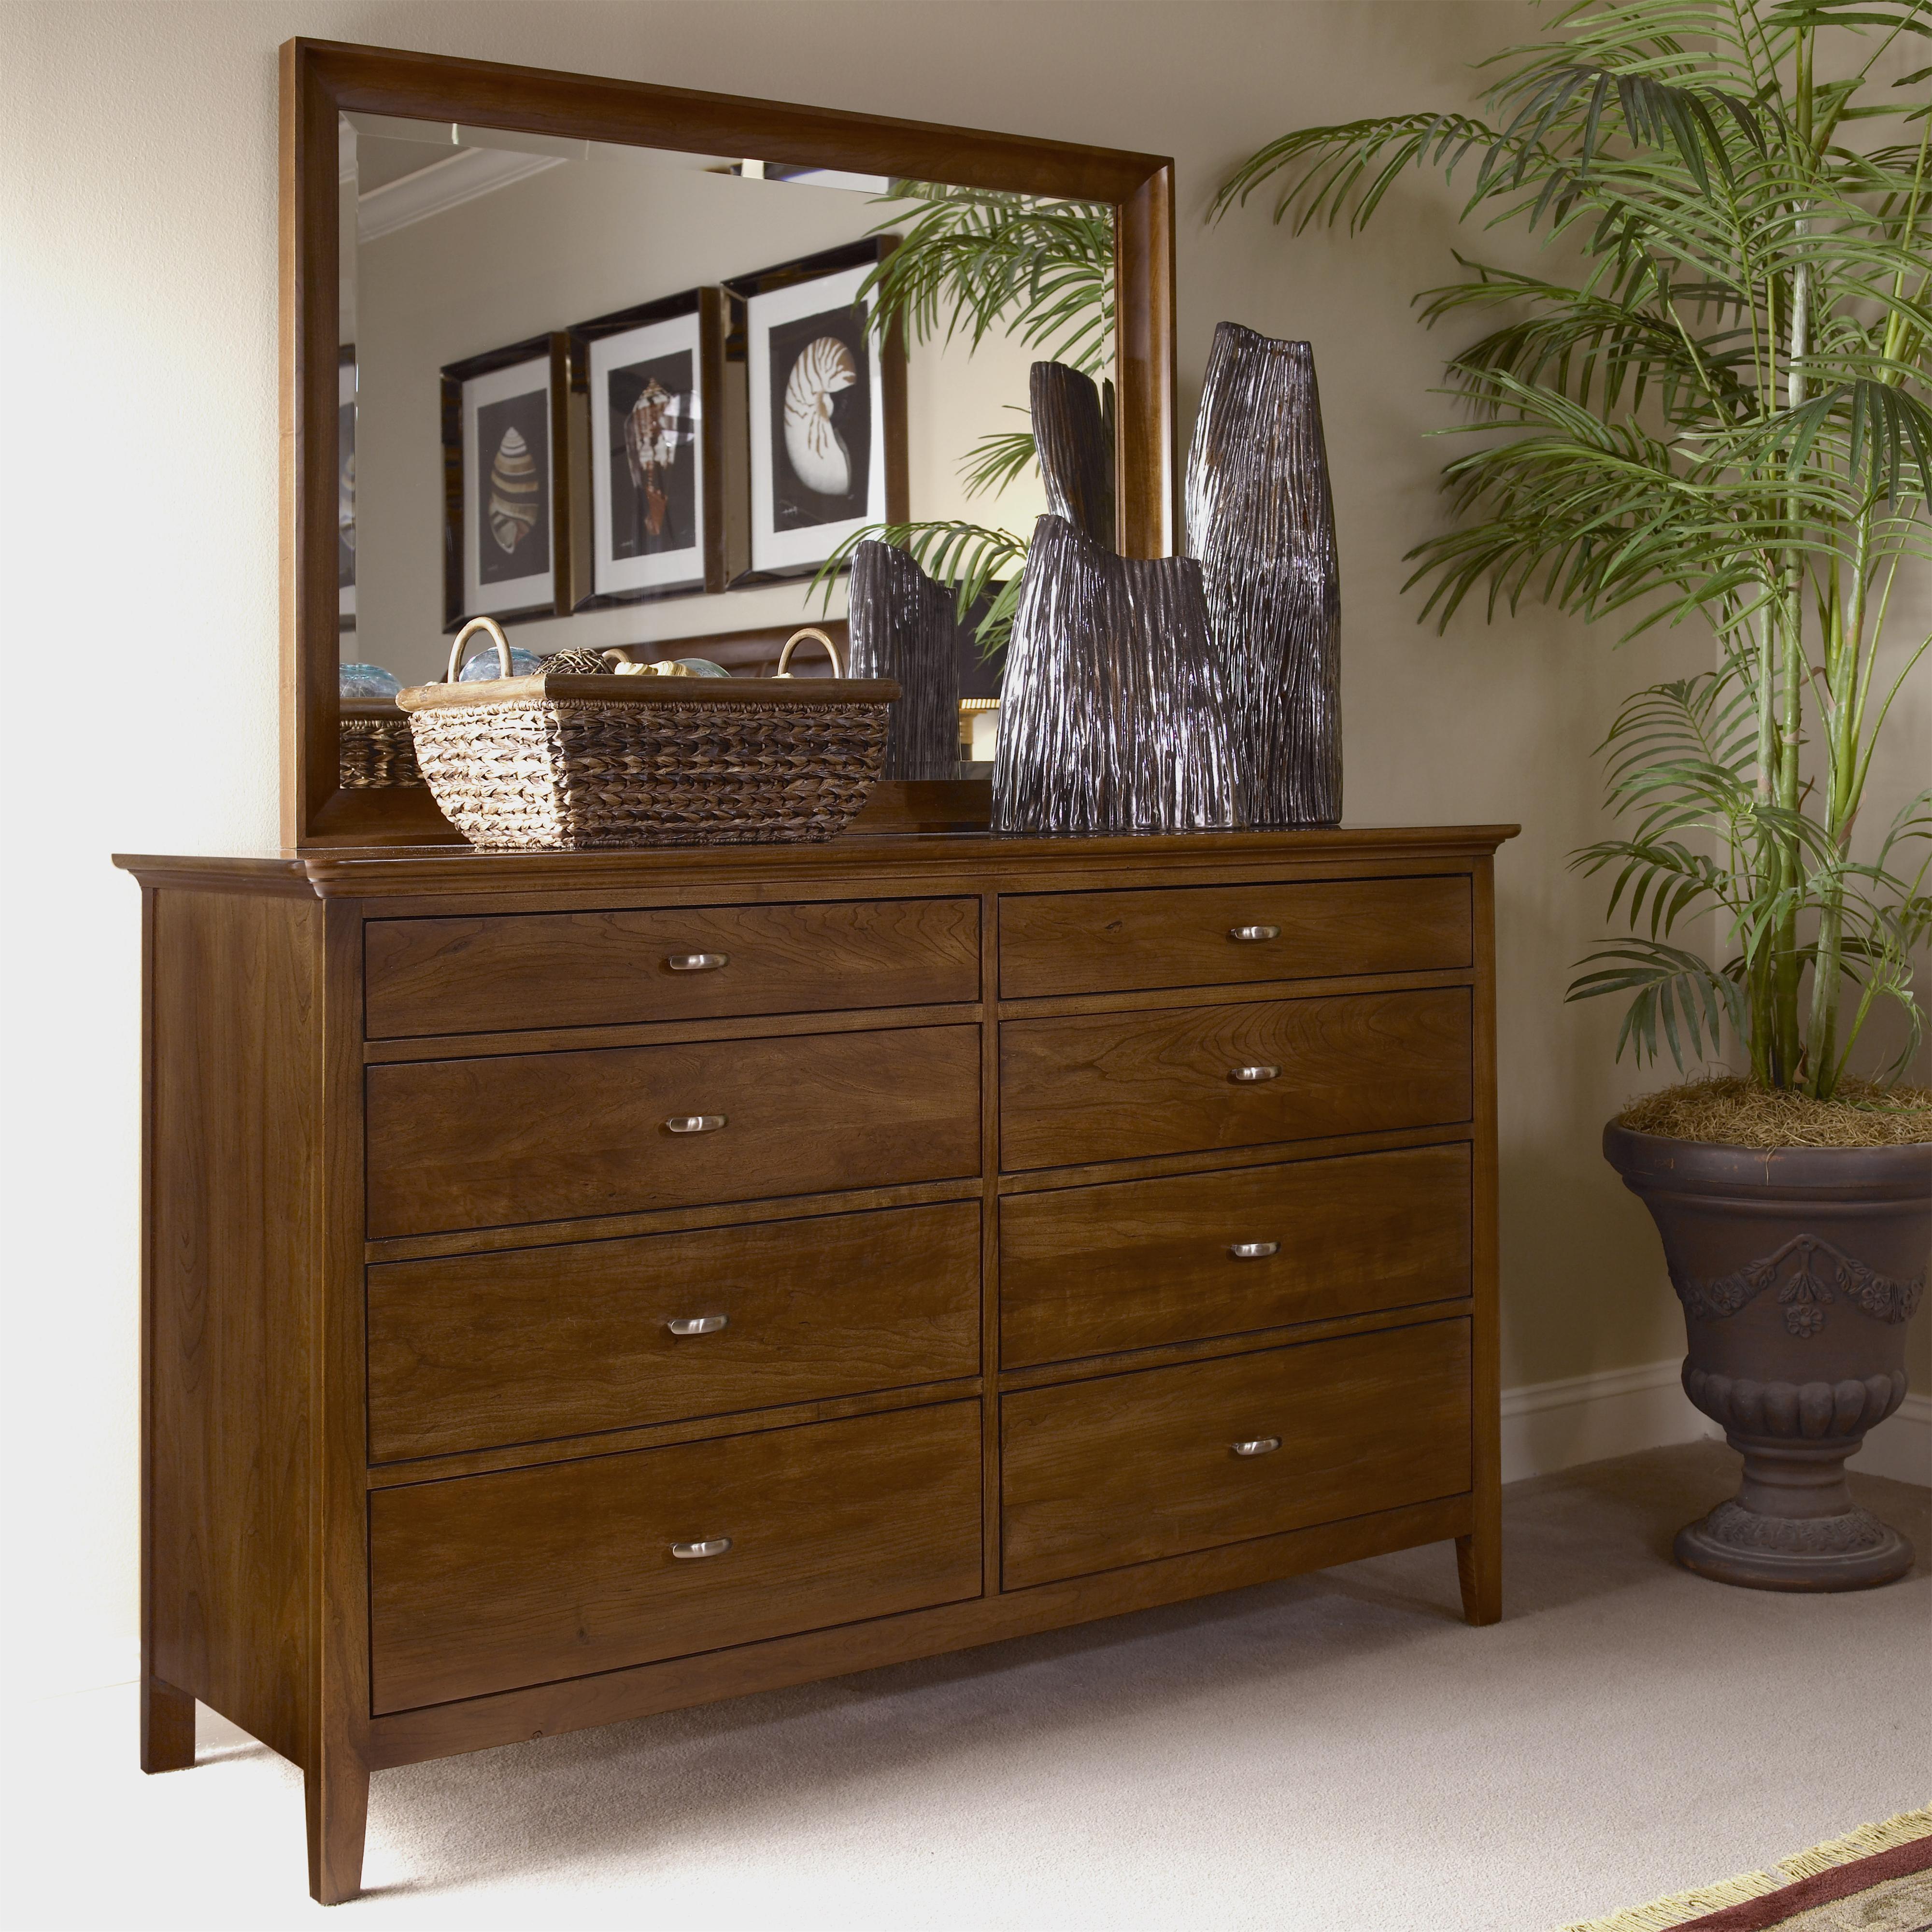 Double Dresser & Landscape Mirror Combo